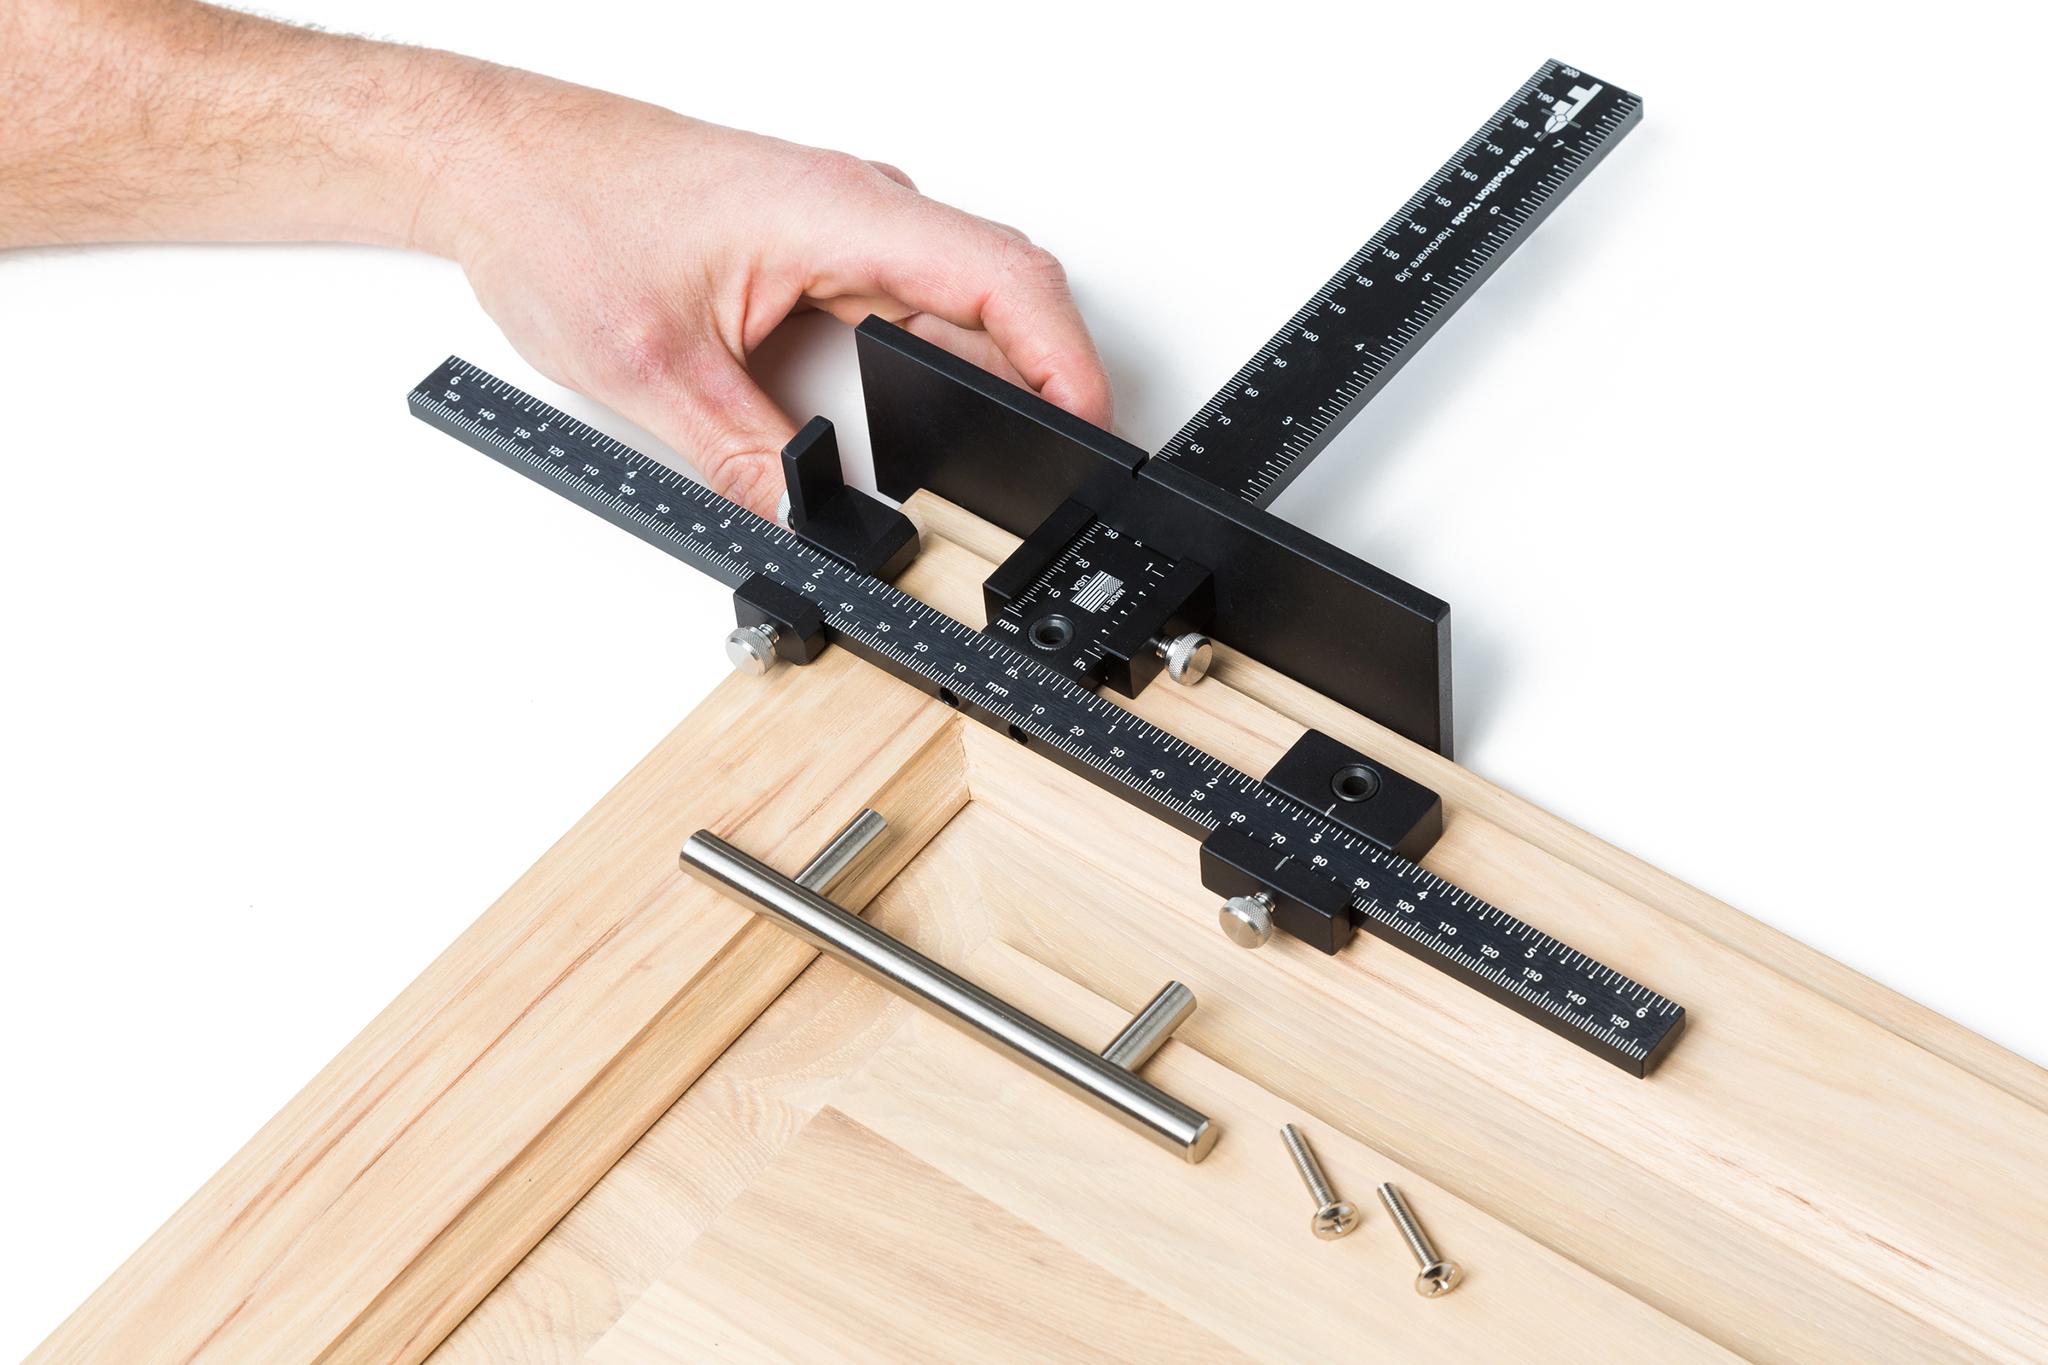 cabinet handle installation, cabinet door jig, true position tools, cabinet hardware installation, cabinet knob jig, door handle jig